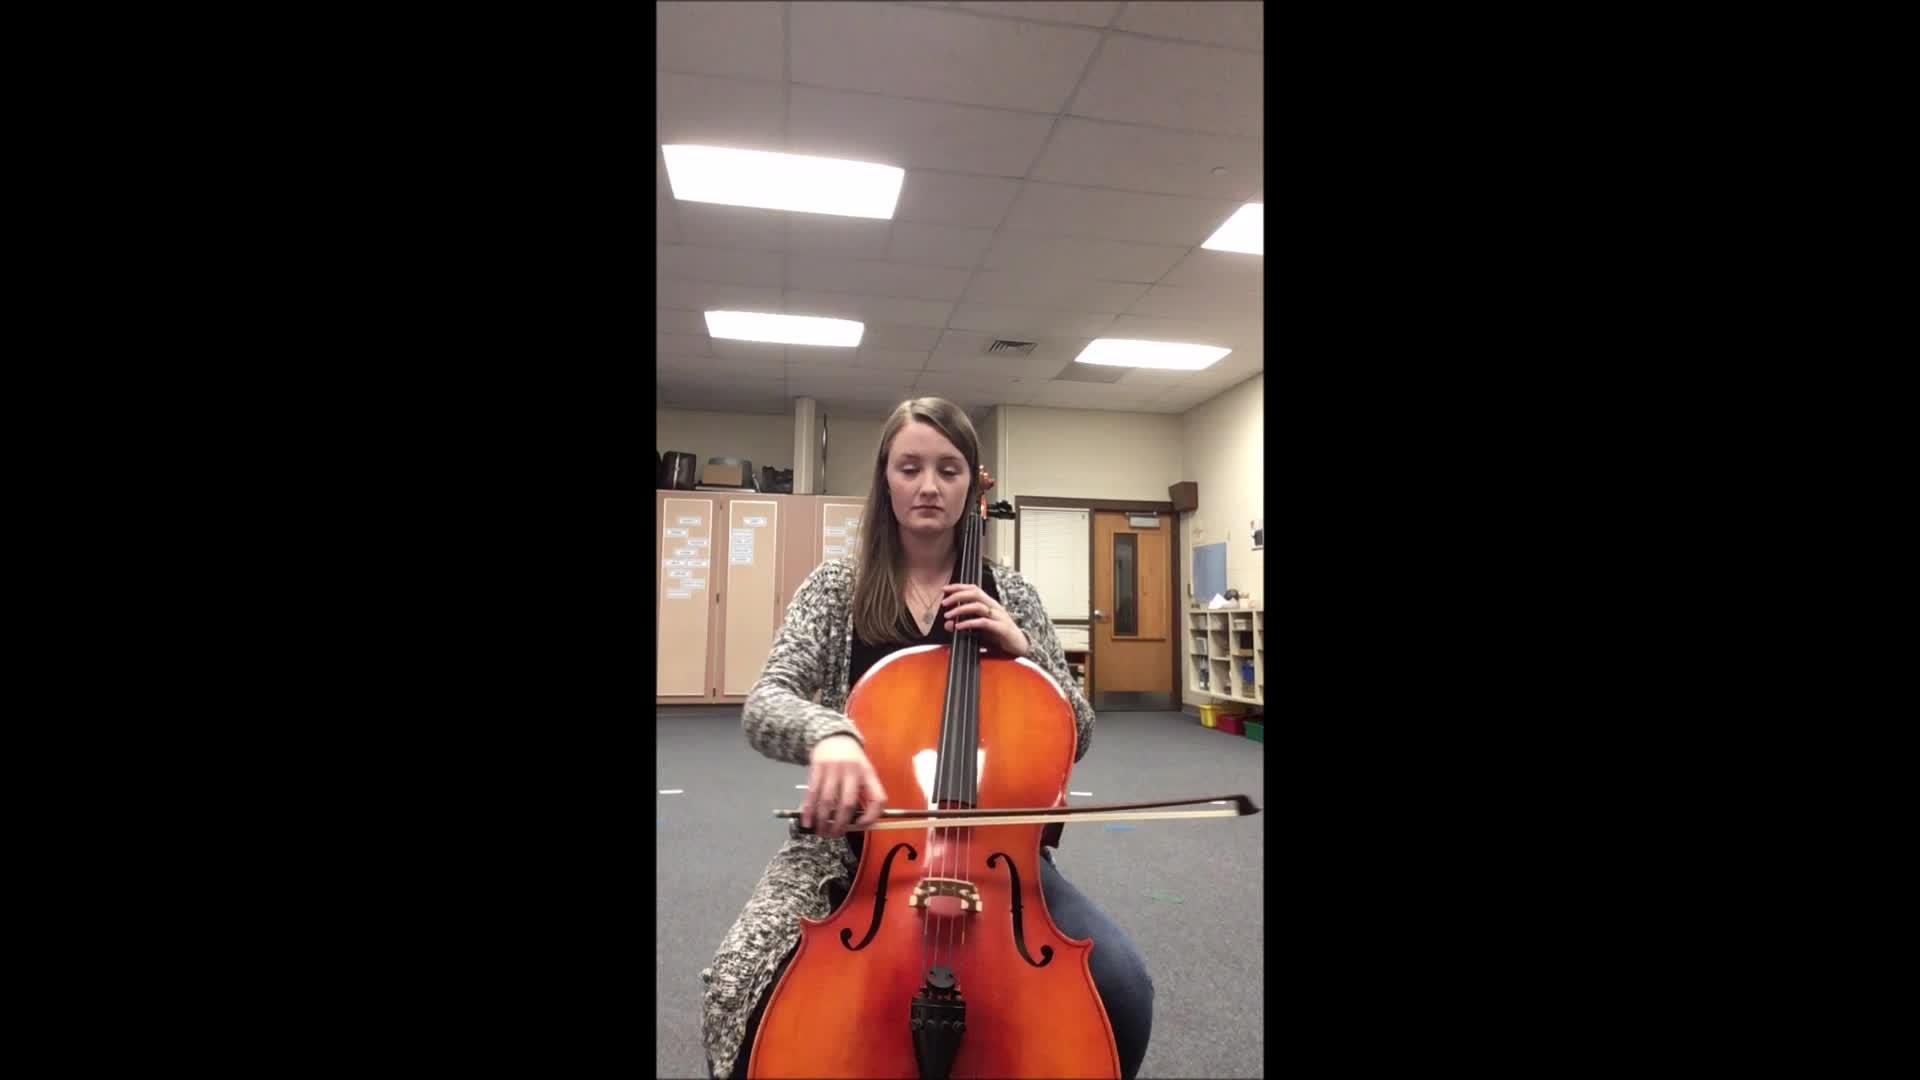 Cello Skip to My Lou